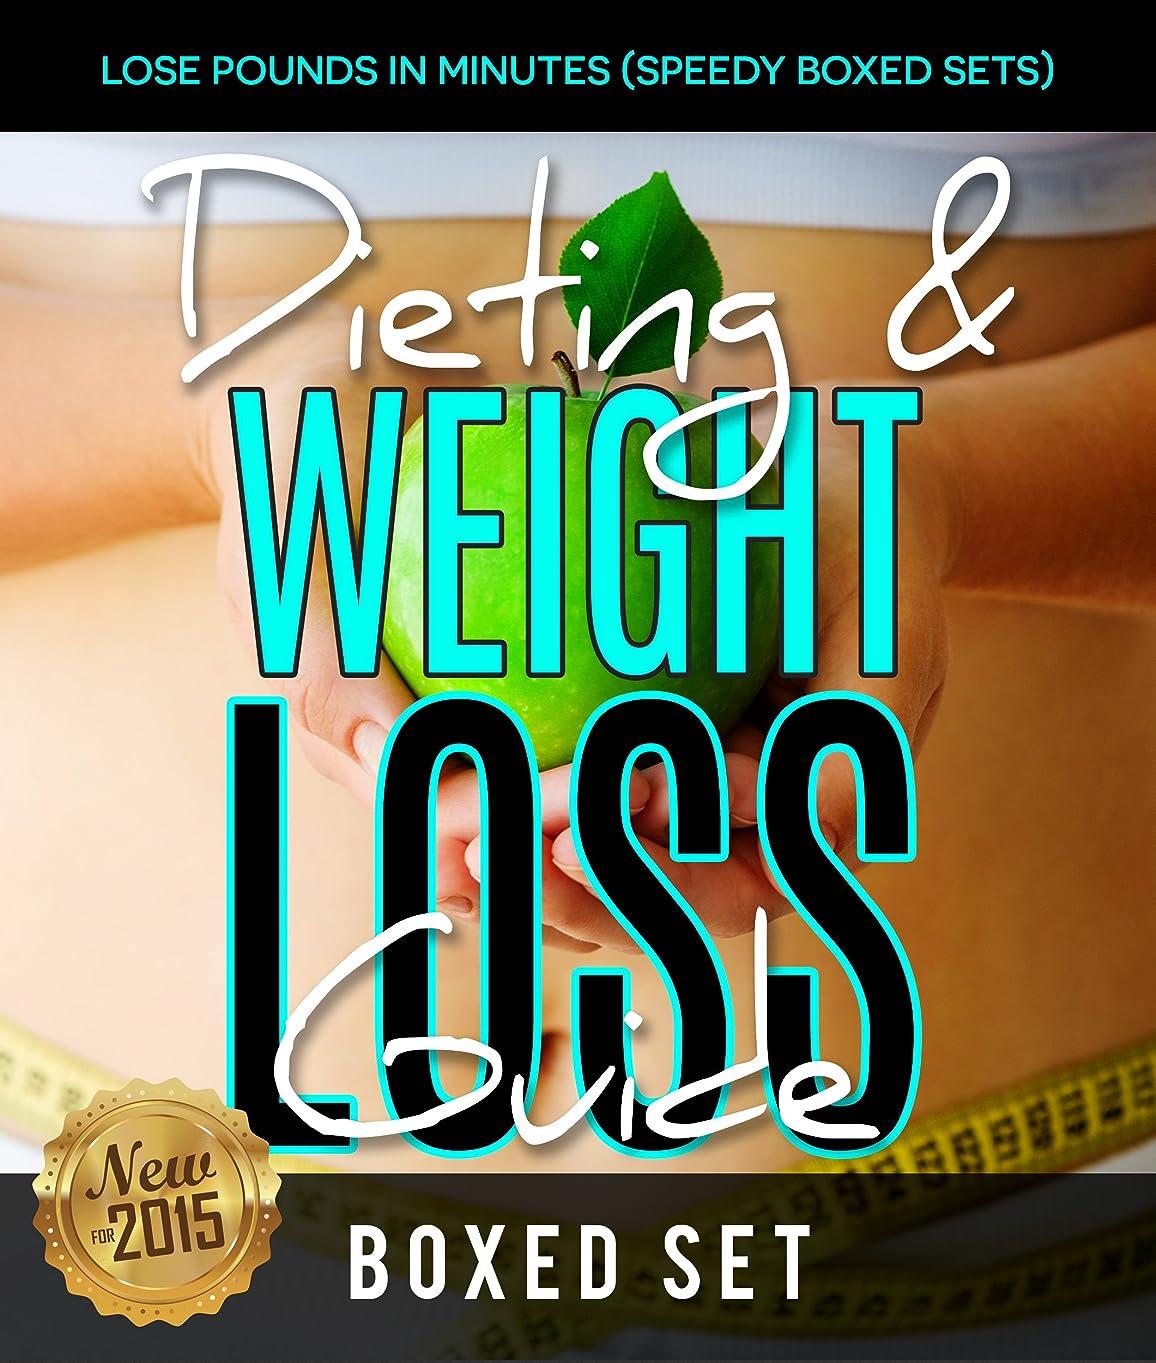 主制限する簿記係Dieting & Weight Loss Guide: Lose Pounds in Minutes (Speedy Boxed Sets): Weight Maintenance Diets (English Edition)